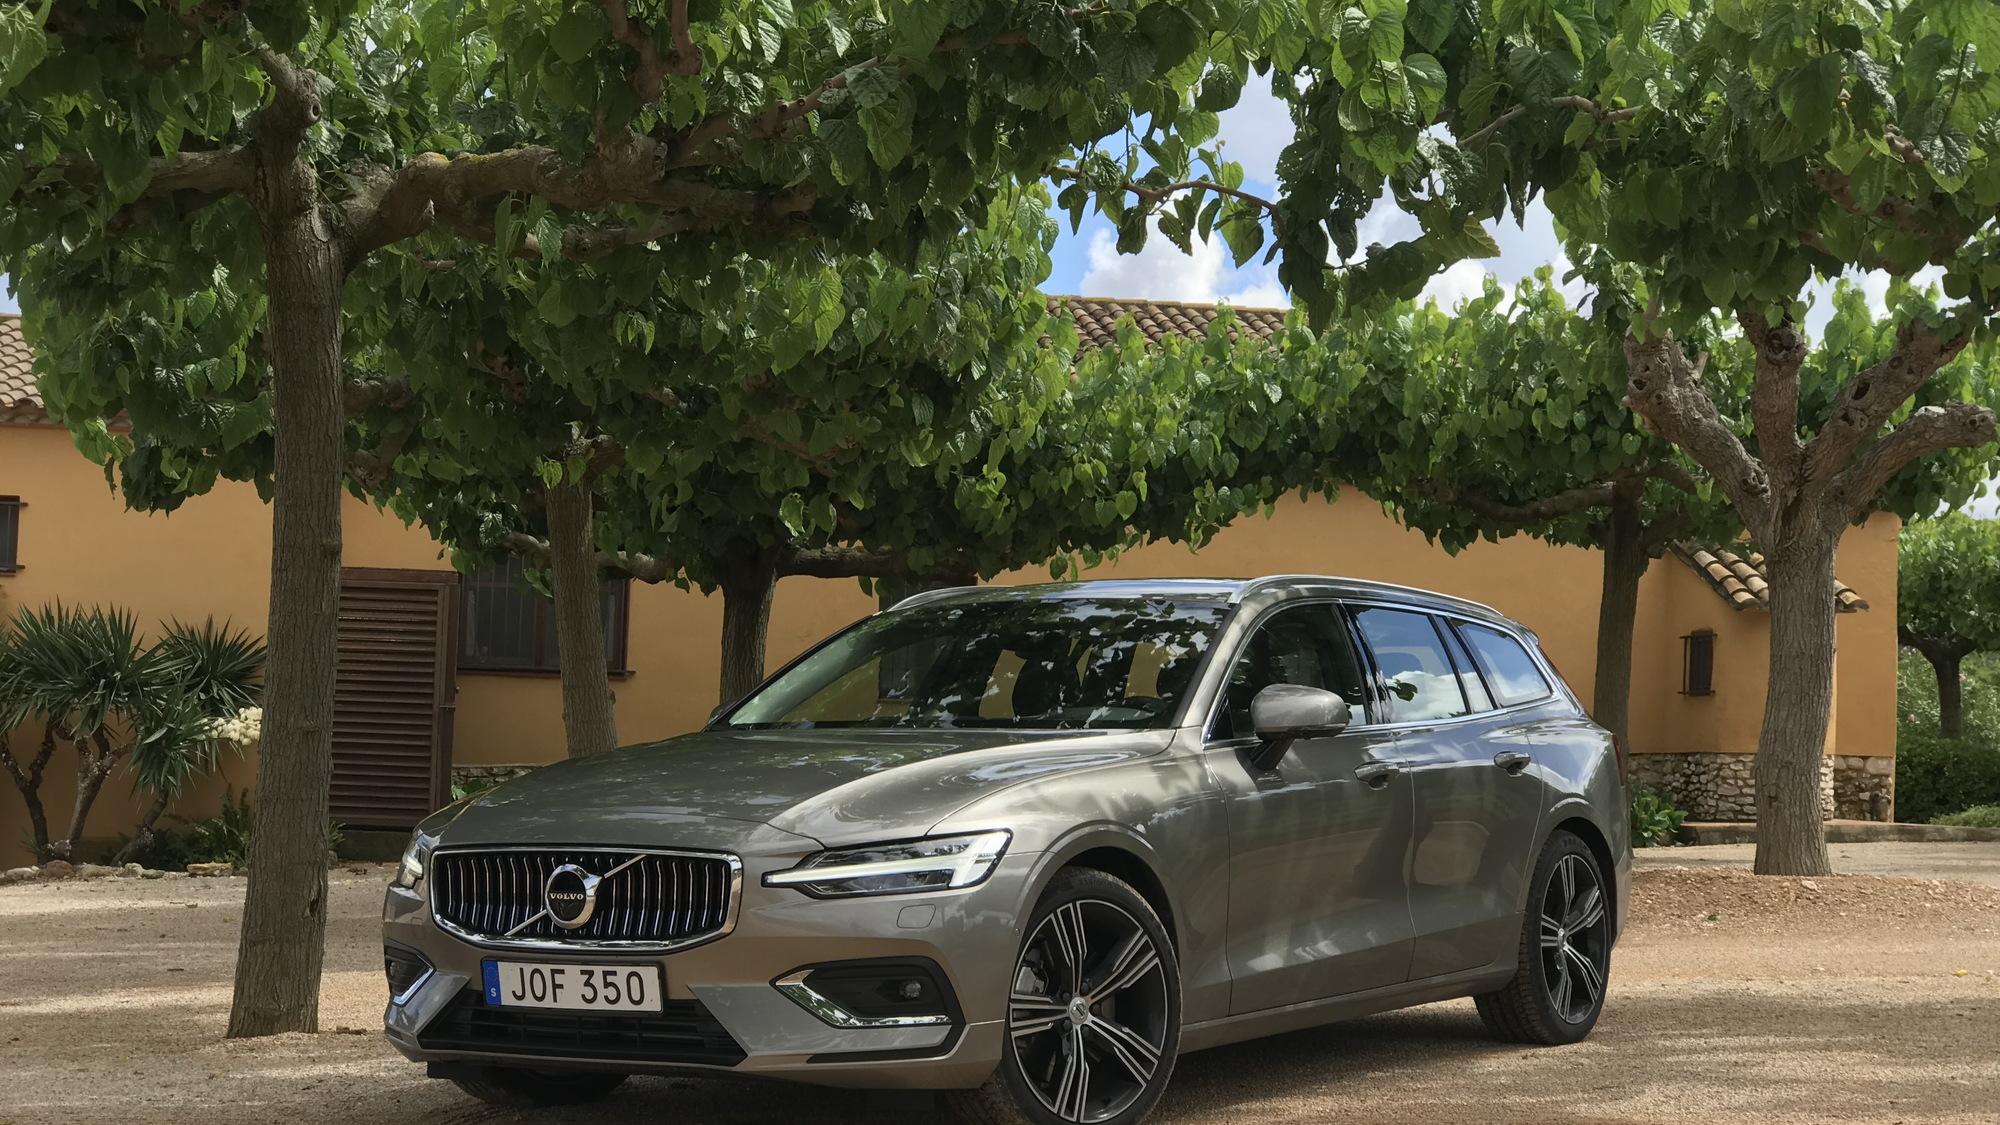 2019 Volvo V60, Tarragona, Spain, June 2018